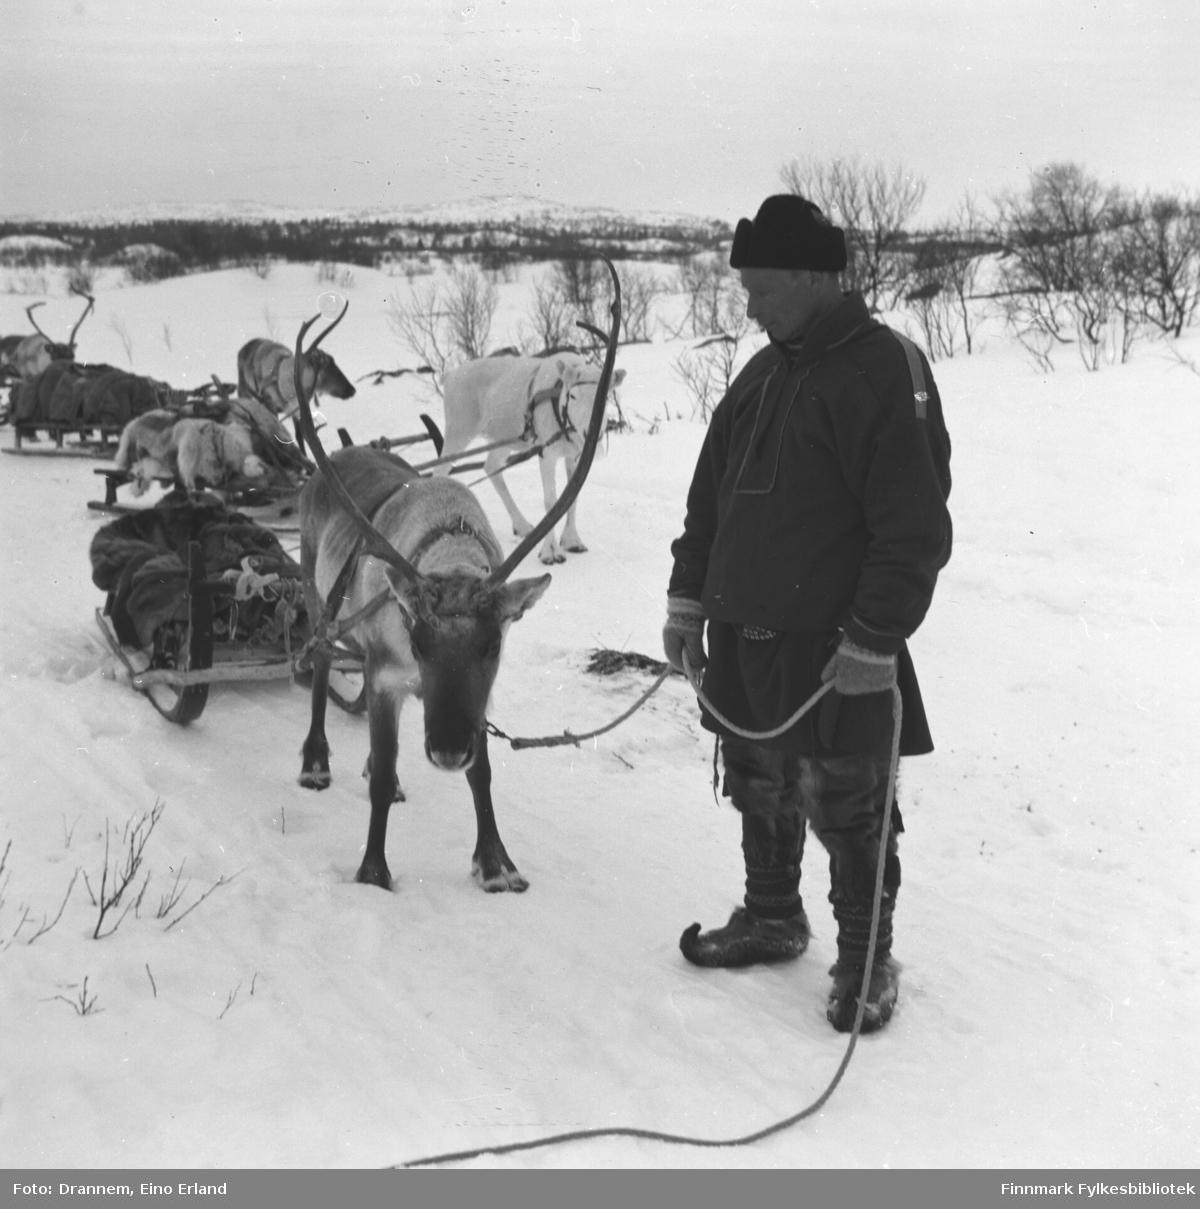 Emil Alfred Kaarret står foran flere kjørerein. Emil Alfred og kone Aune Katri Paltto bodde i Kyynelniemi ved Inarijärvi ( nord ved Enaresjøen).